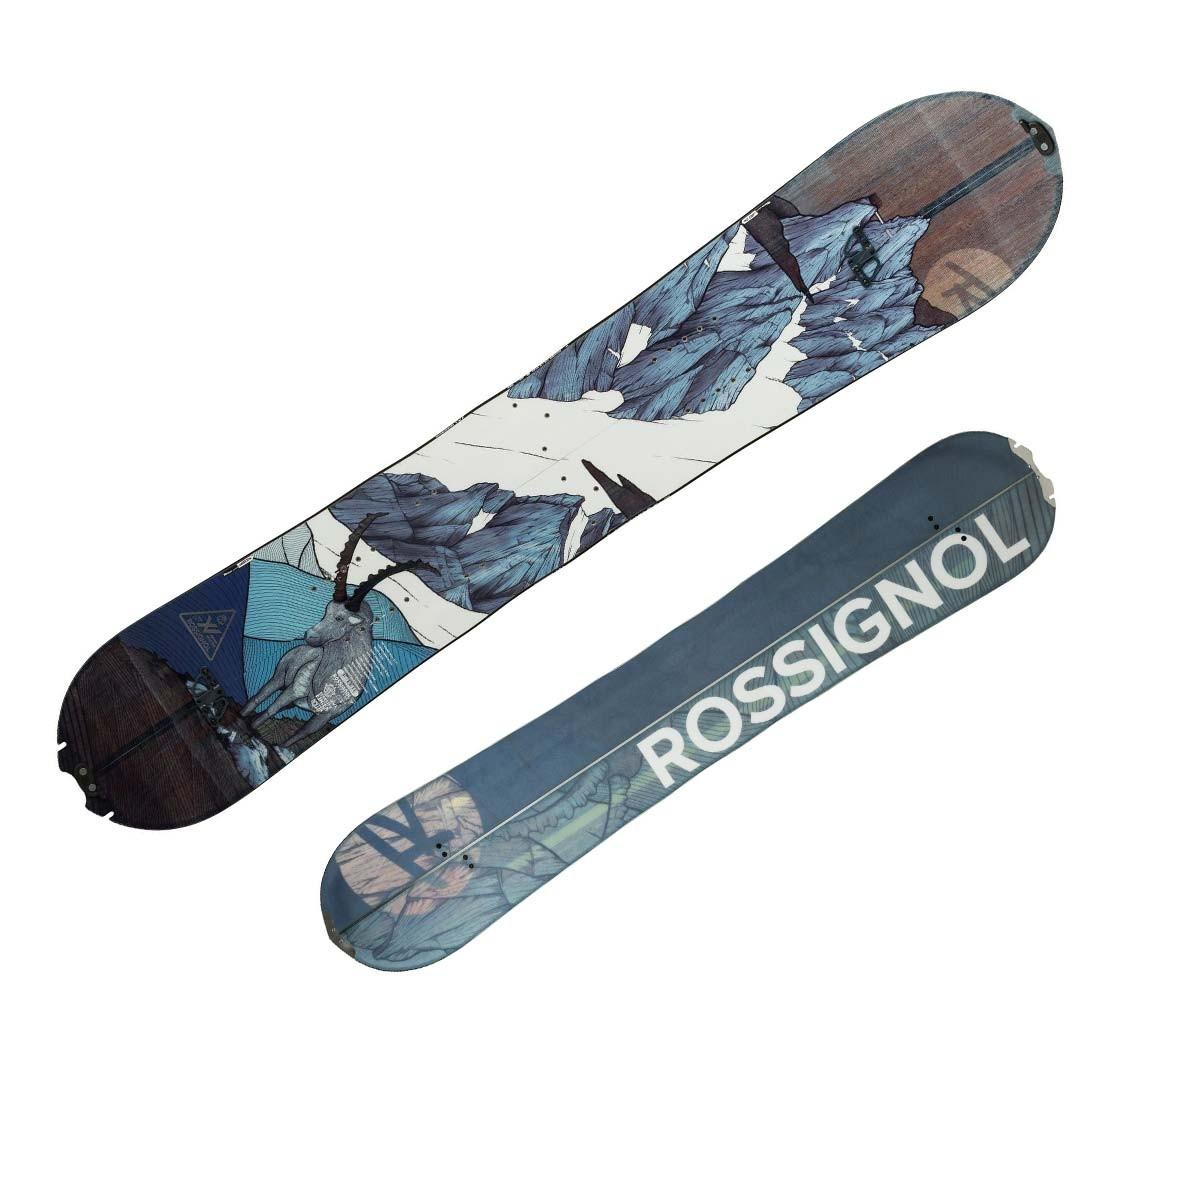 Snowboard Rossignol XV Splitboard da uomo (Colore: marrone fantasia, Taglia: 159)